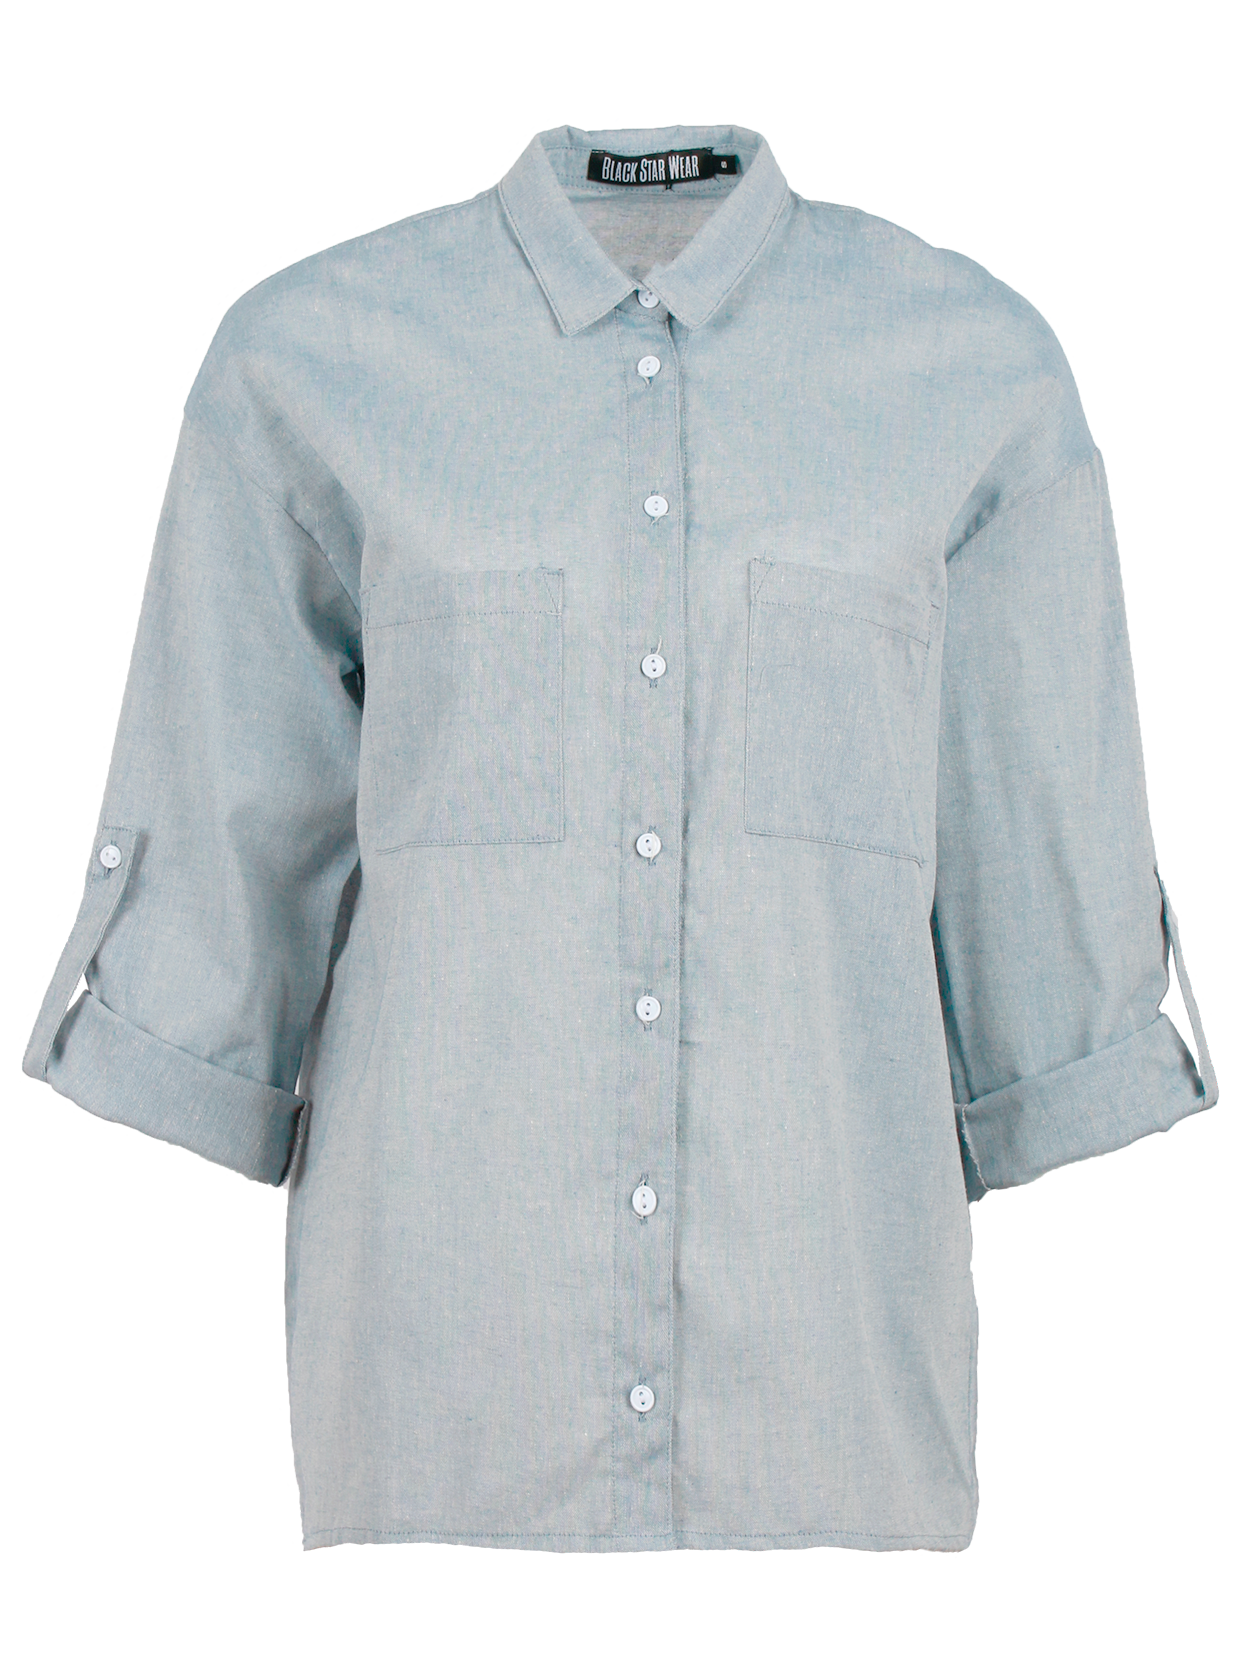 Рубашка женская SereneРубашка женская Serene светло-голубого цвета – идеальный вариант для тех, кто использует любую возможность всегда быть модной, стильной и неповторимой. Классические мотивы в сочетании с современными акцентами создают дизайн, способный подчеркнуть самые лучшие стороны внешности и характера. Модель прямого свободного кроя с приспущенным плечиком и застежкой, регулирующей длину рукава, дополнена накладными карманами спереди. Такая вещь позволит экспериментировать с образами, оставаясь всегда уверенной в себе.<br><br>Размер: L<br>Цвет: Голубой<br>Пол: Женский